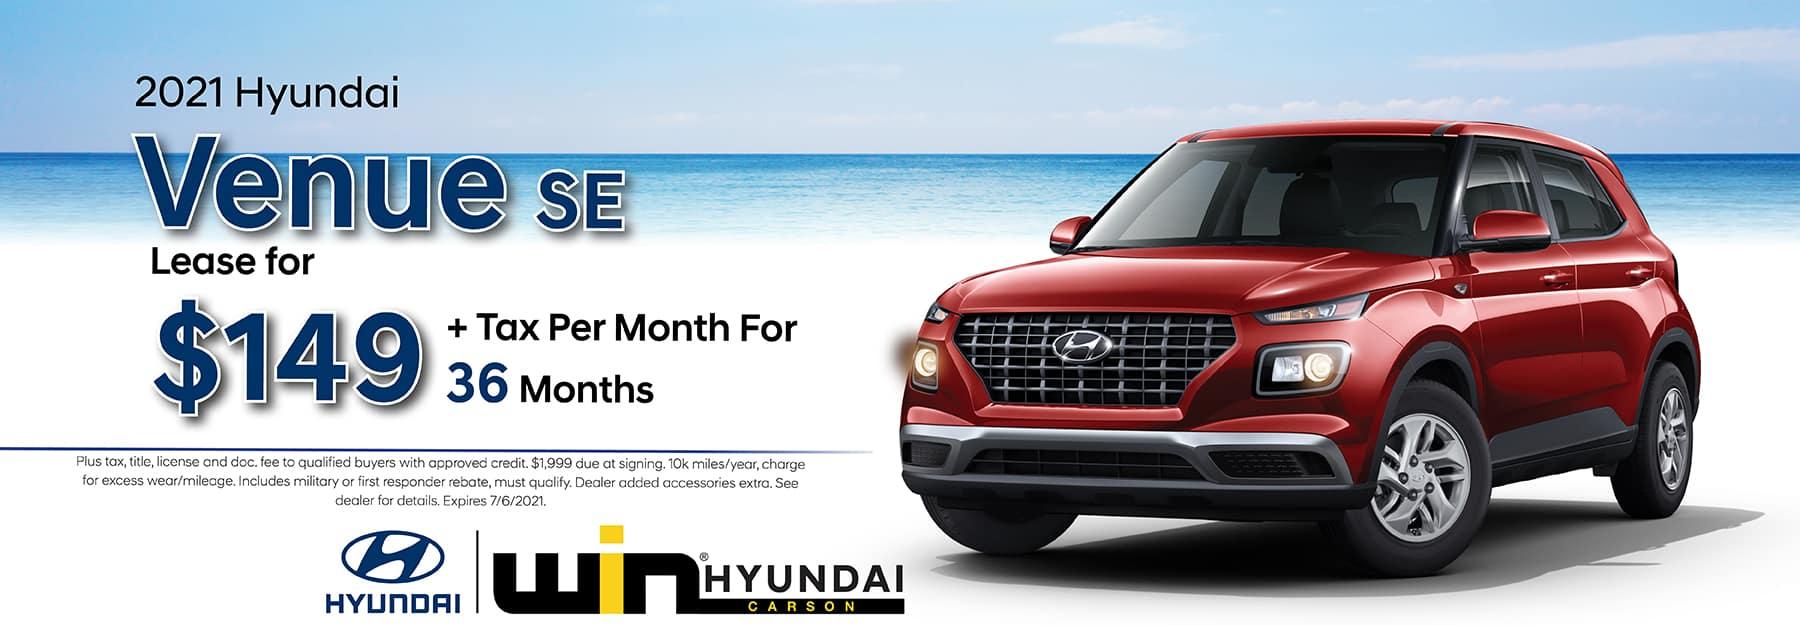 2021 Hyundai Venue SE Lease    Carson, CA